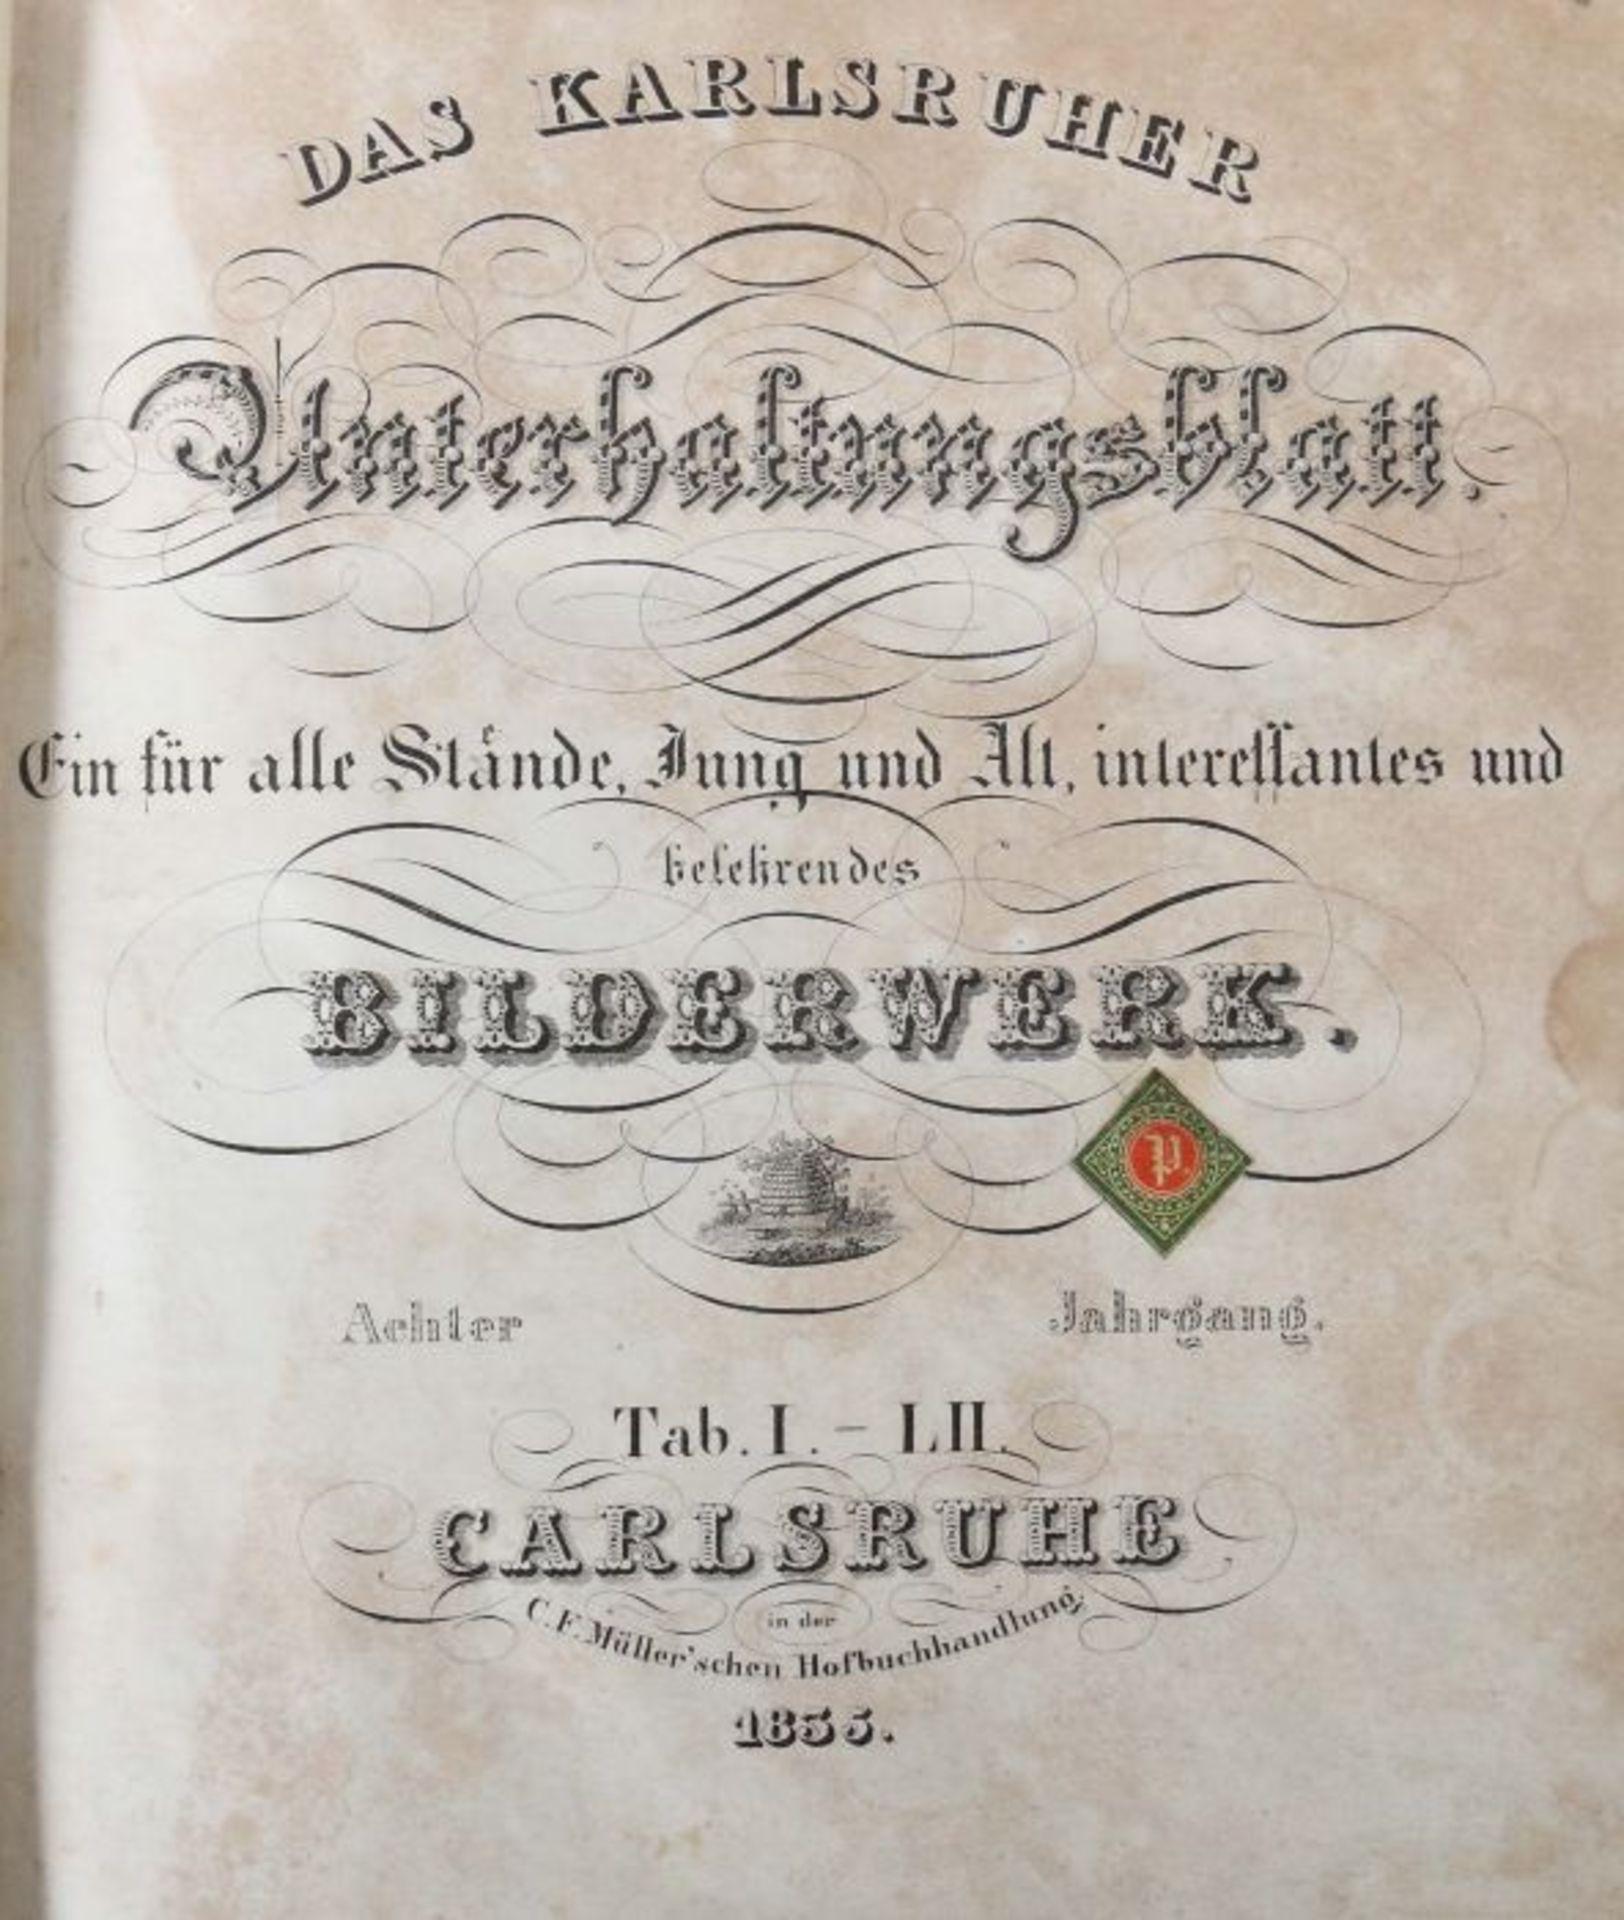 Das Karlsruher Unterhaltungsblatt Ein für alle Stände Jung und Alt interessantes und belehrendes - Bild 3 aus 6